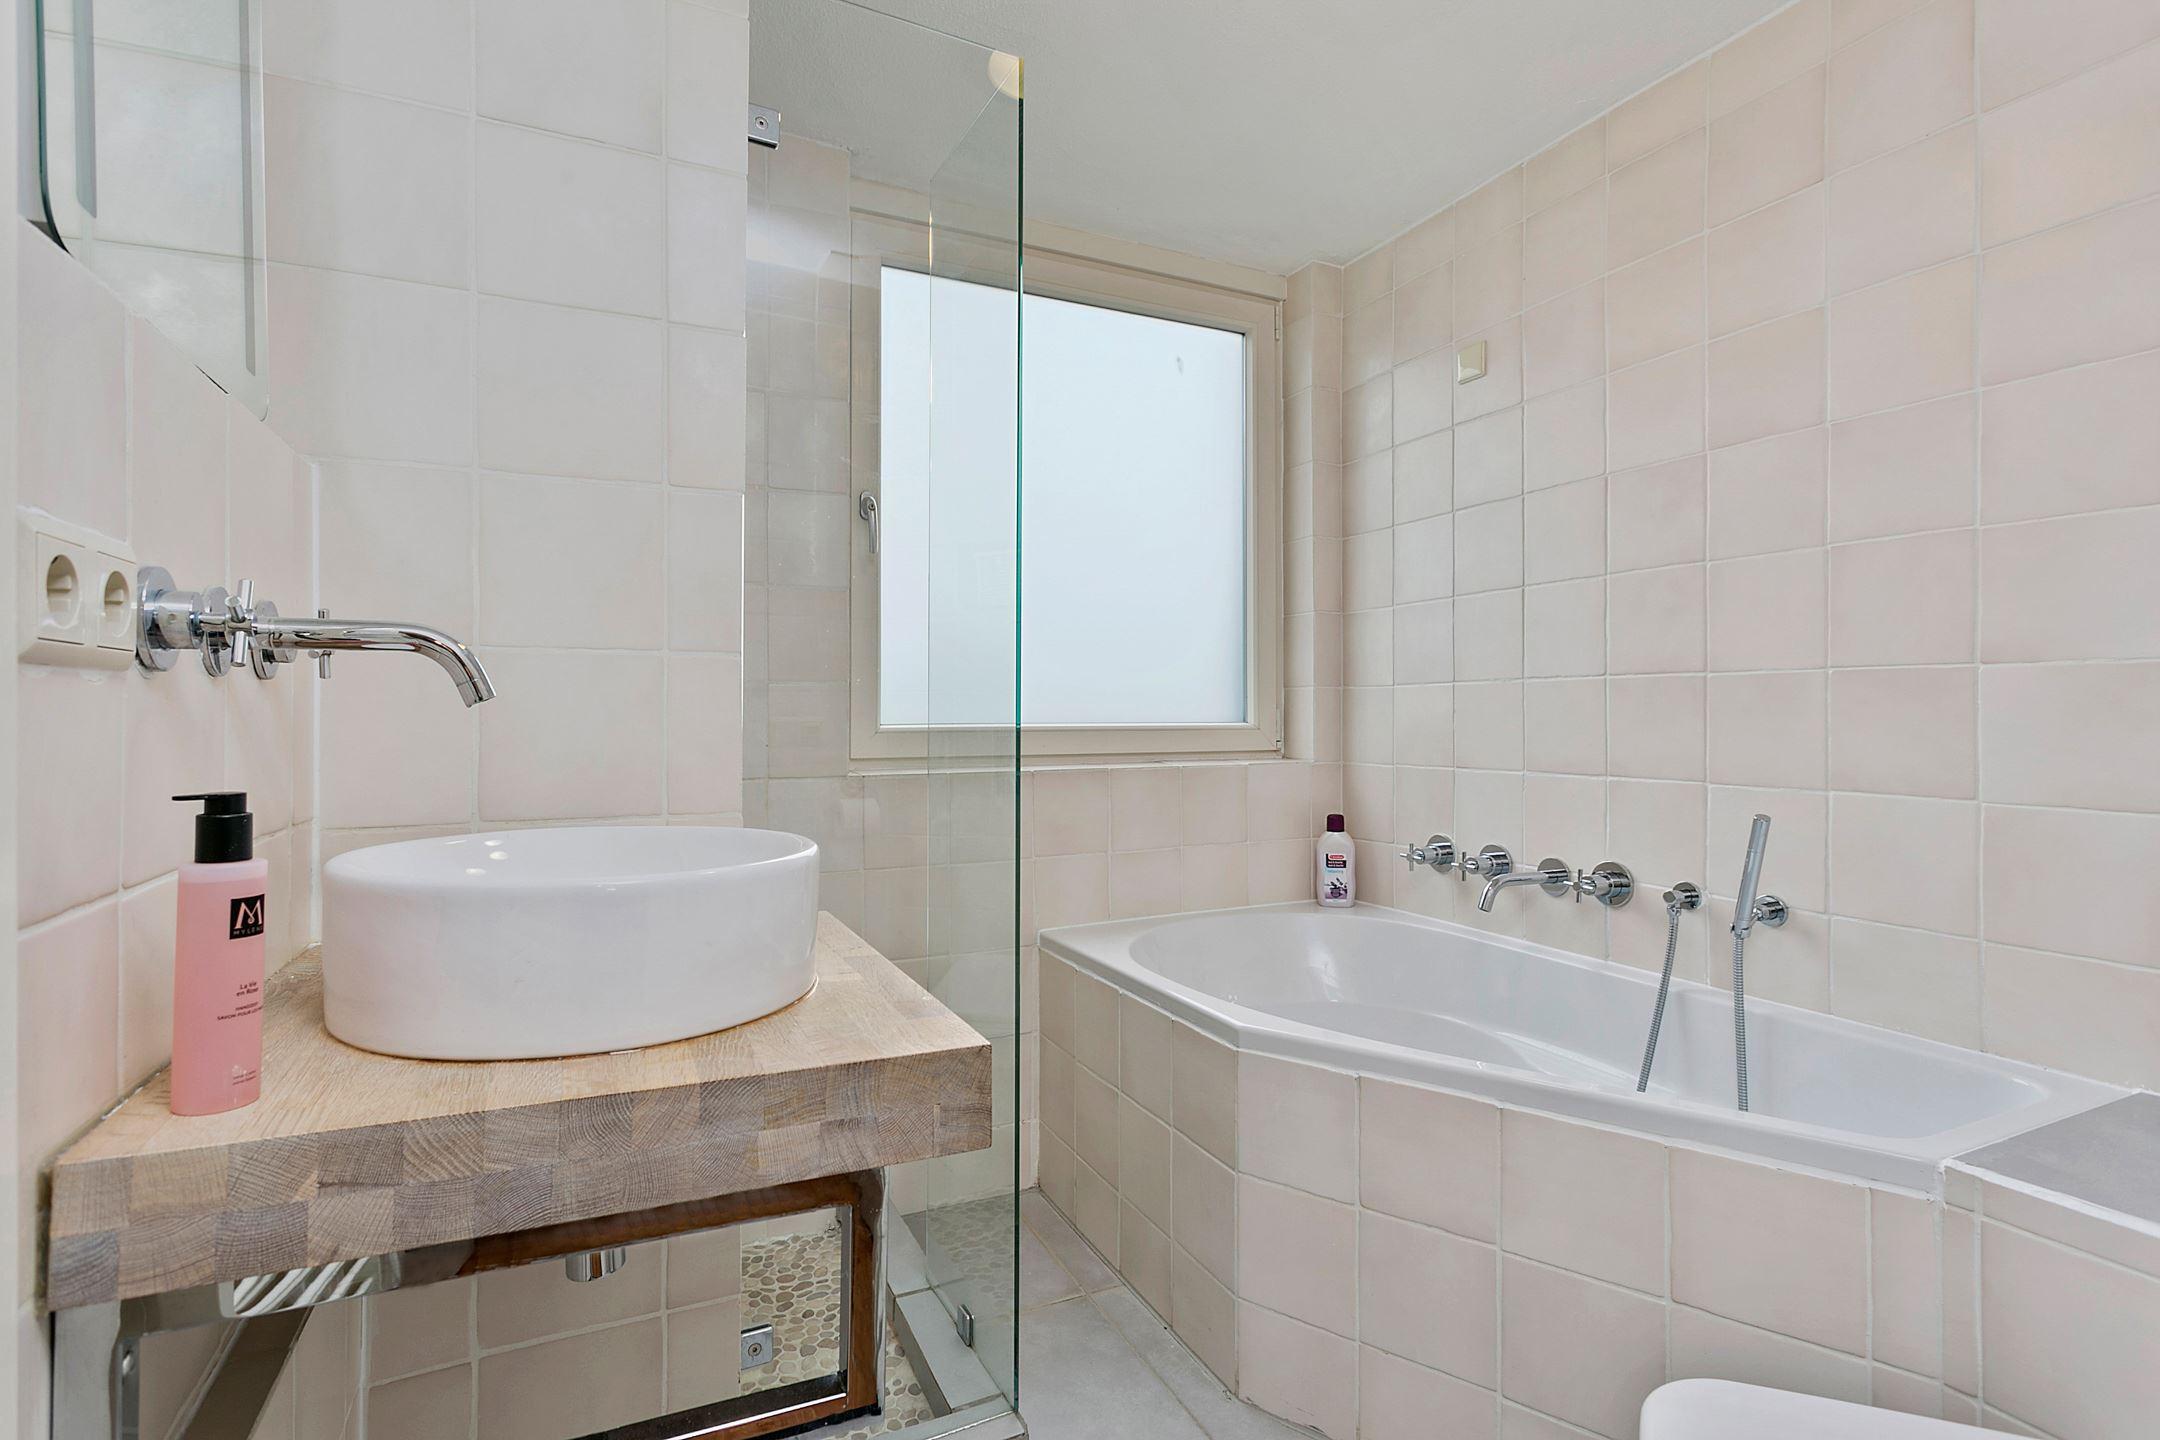 Travertin Vloer Badkamer : Monumentale badkamer finest verbouw monumentale woning moderne